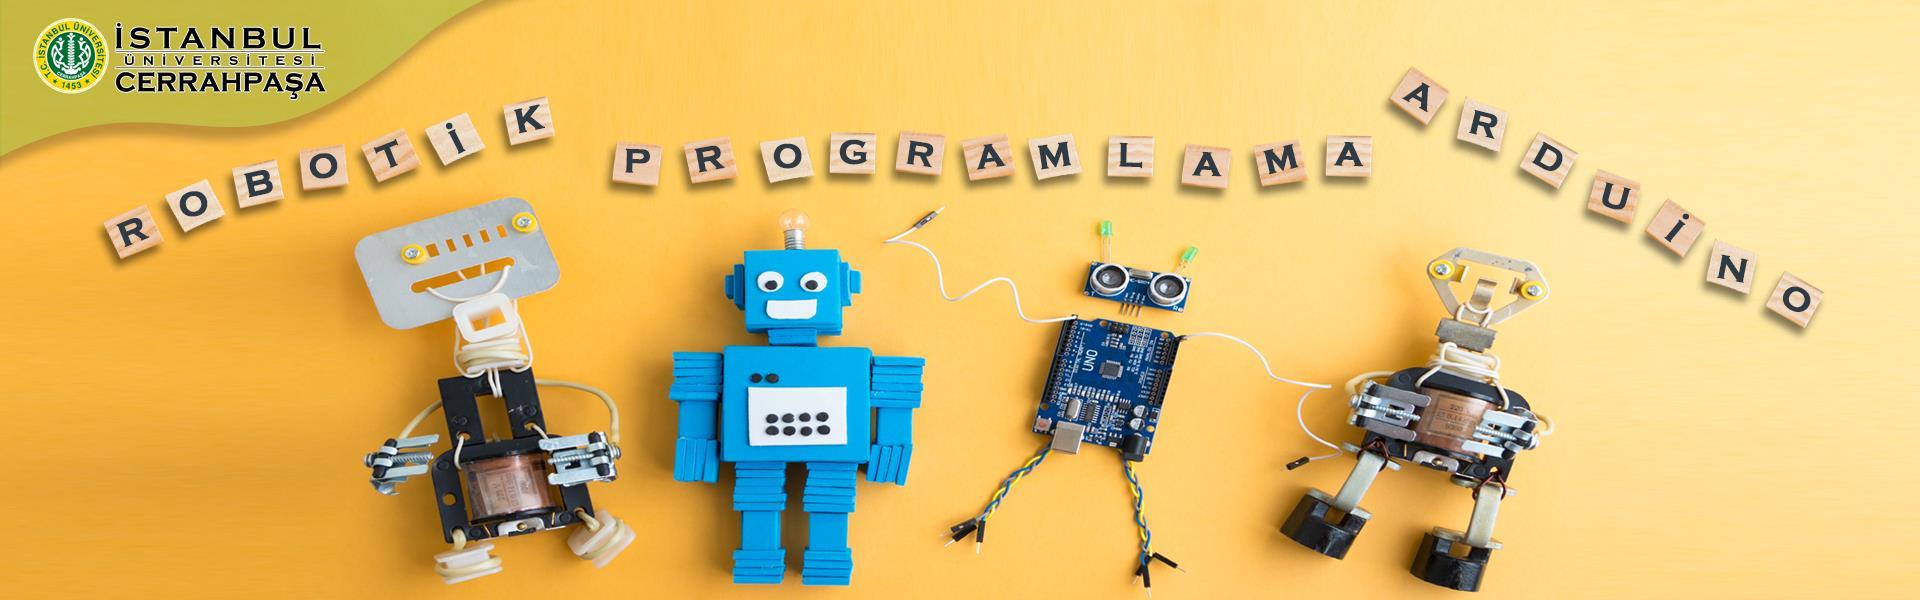 arduino robotik programlama çocuklar-için-arduino